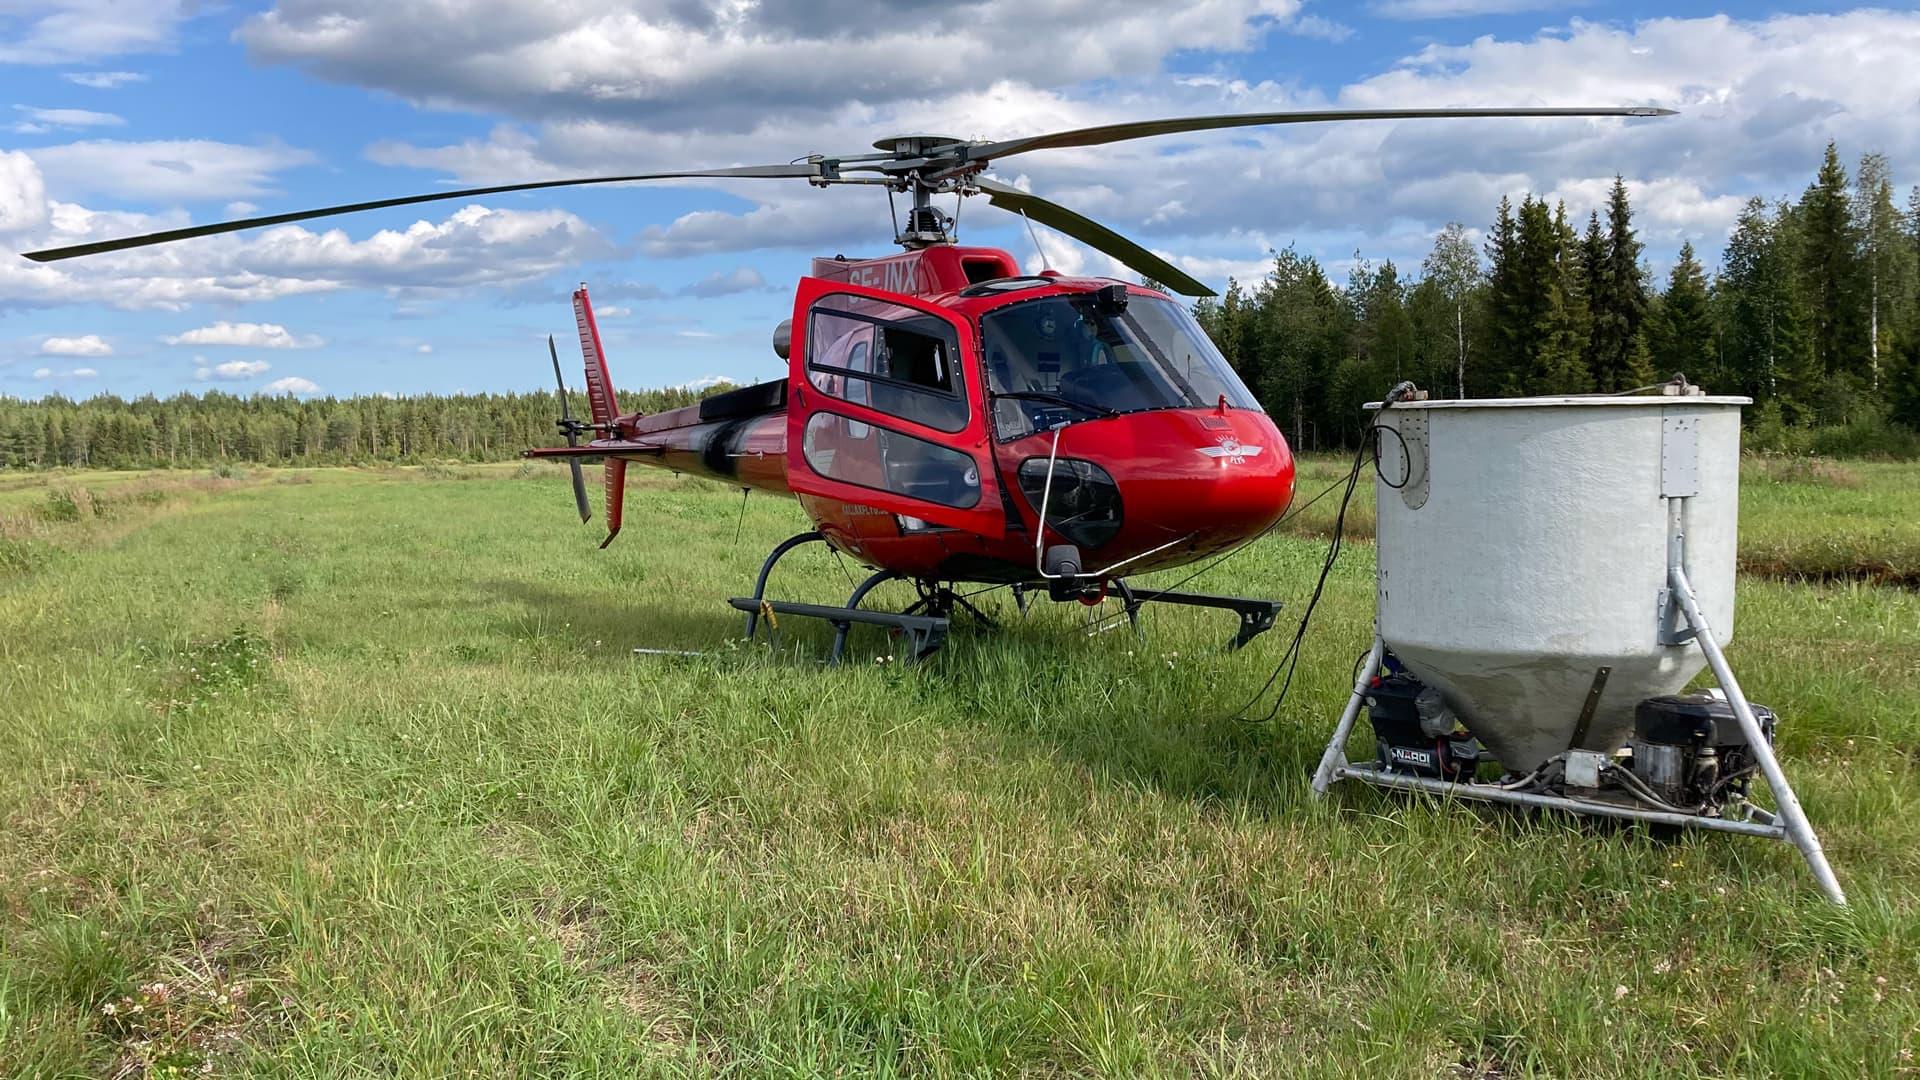 Punainen helikopteri pellolla, edessä valkoinen lannoitussäiliö.